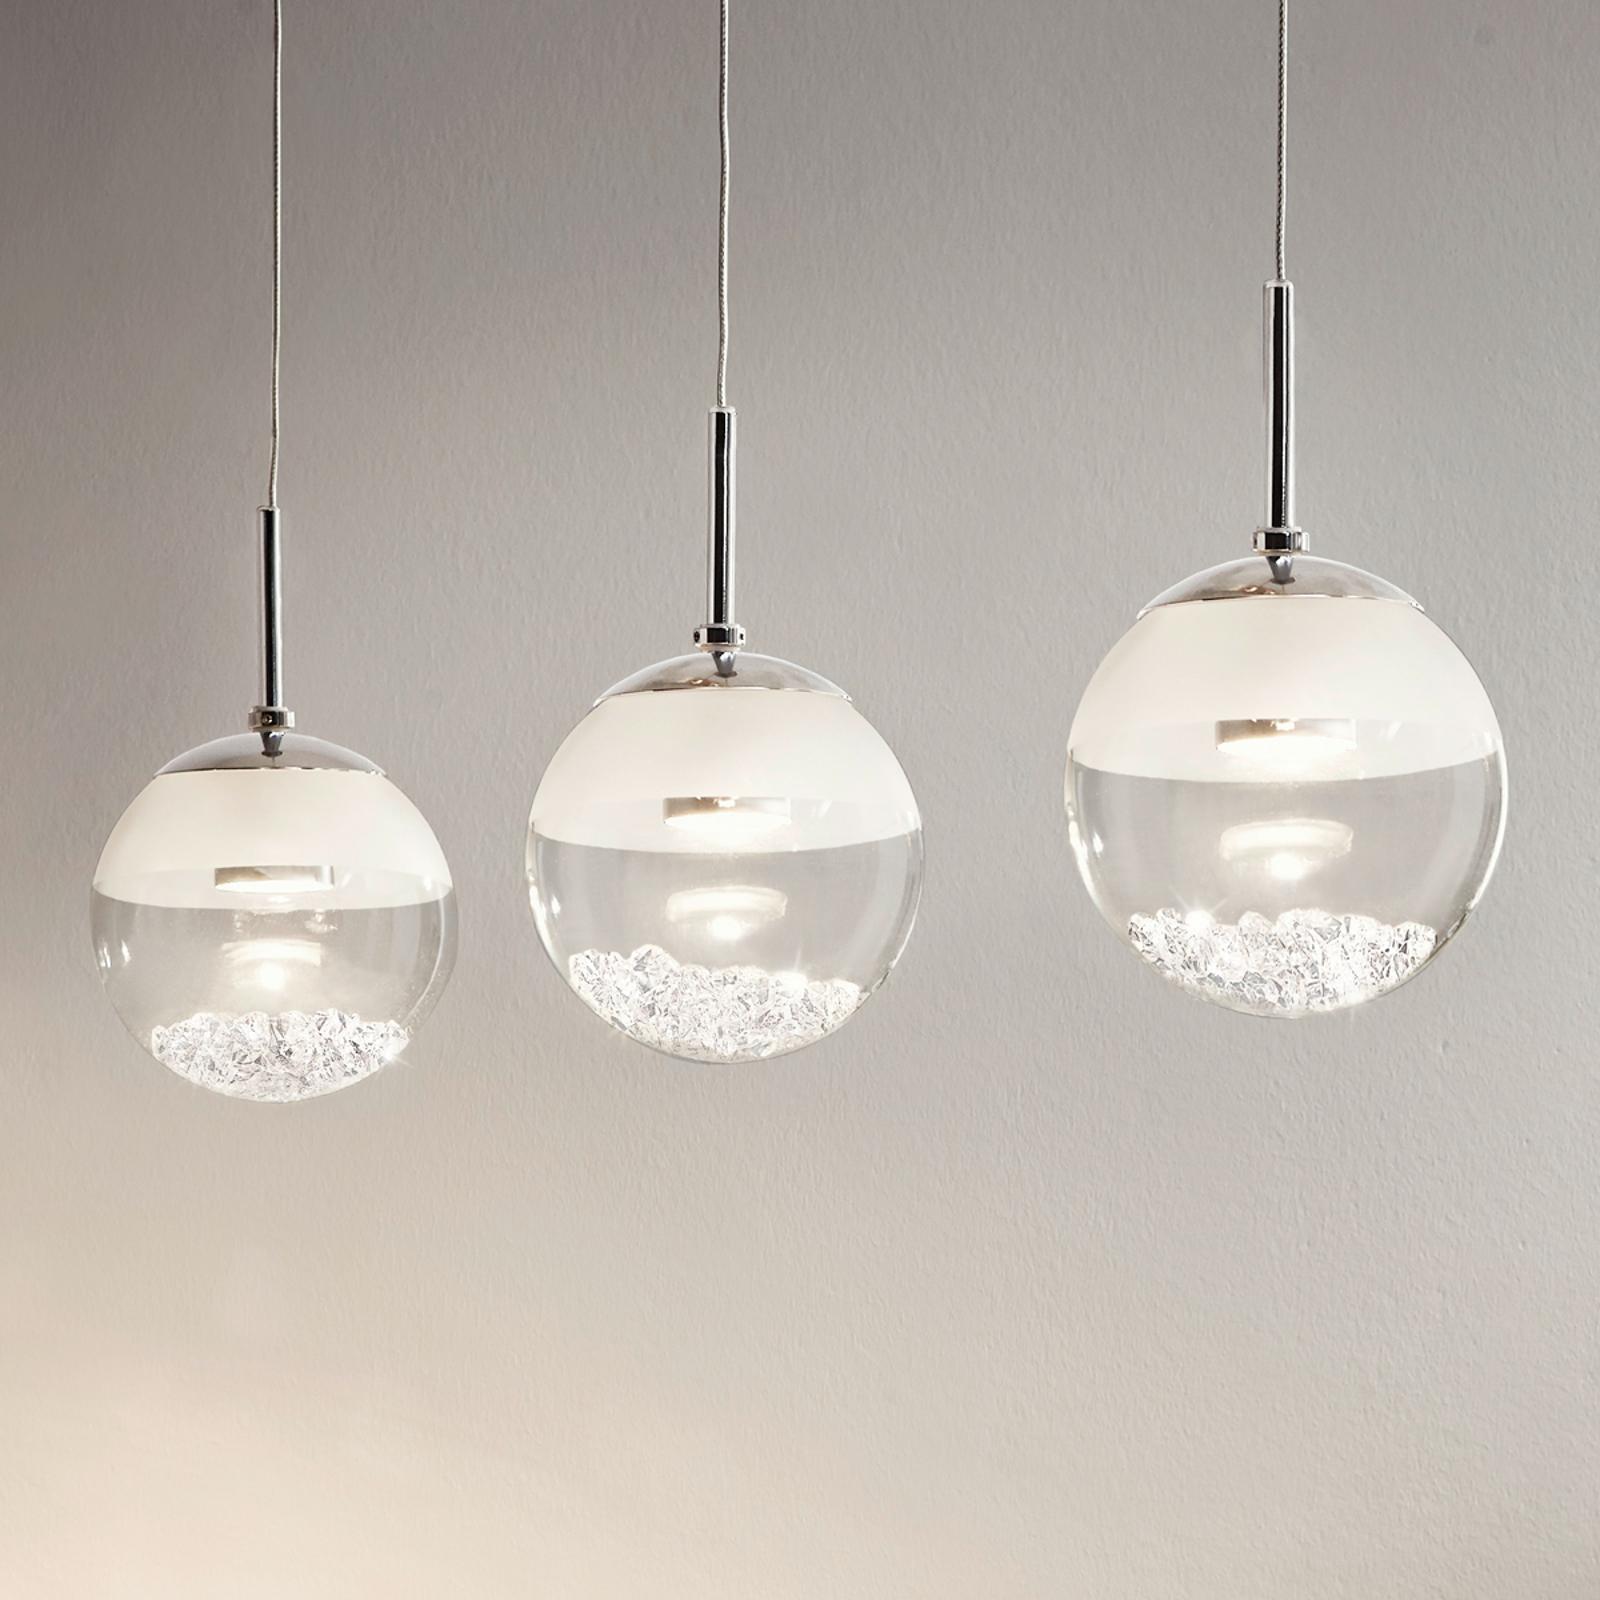 Avlång LED-taklampa Montefio m. kristall